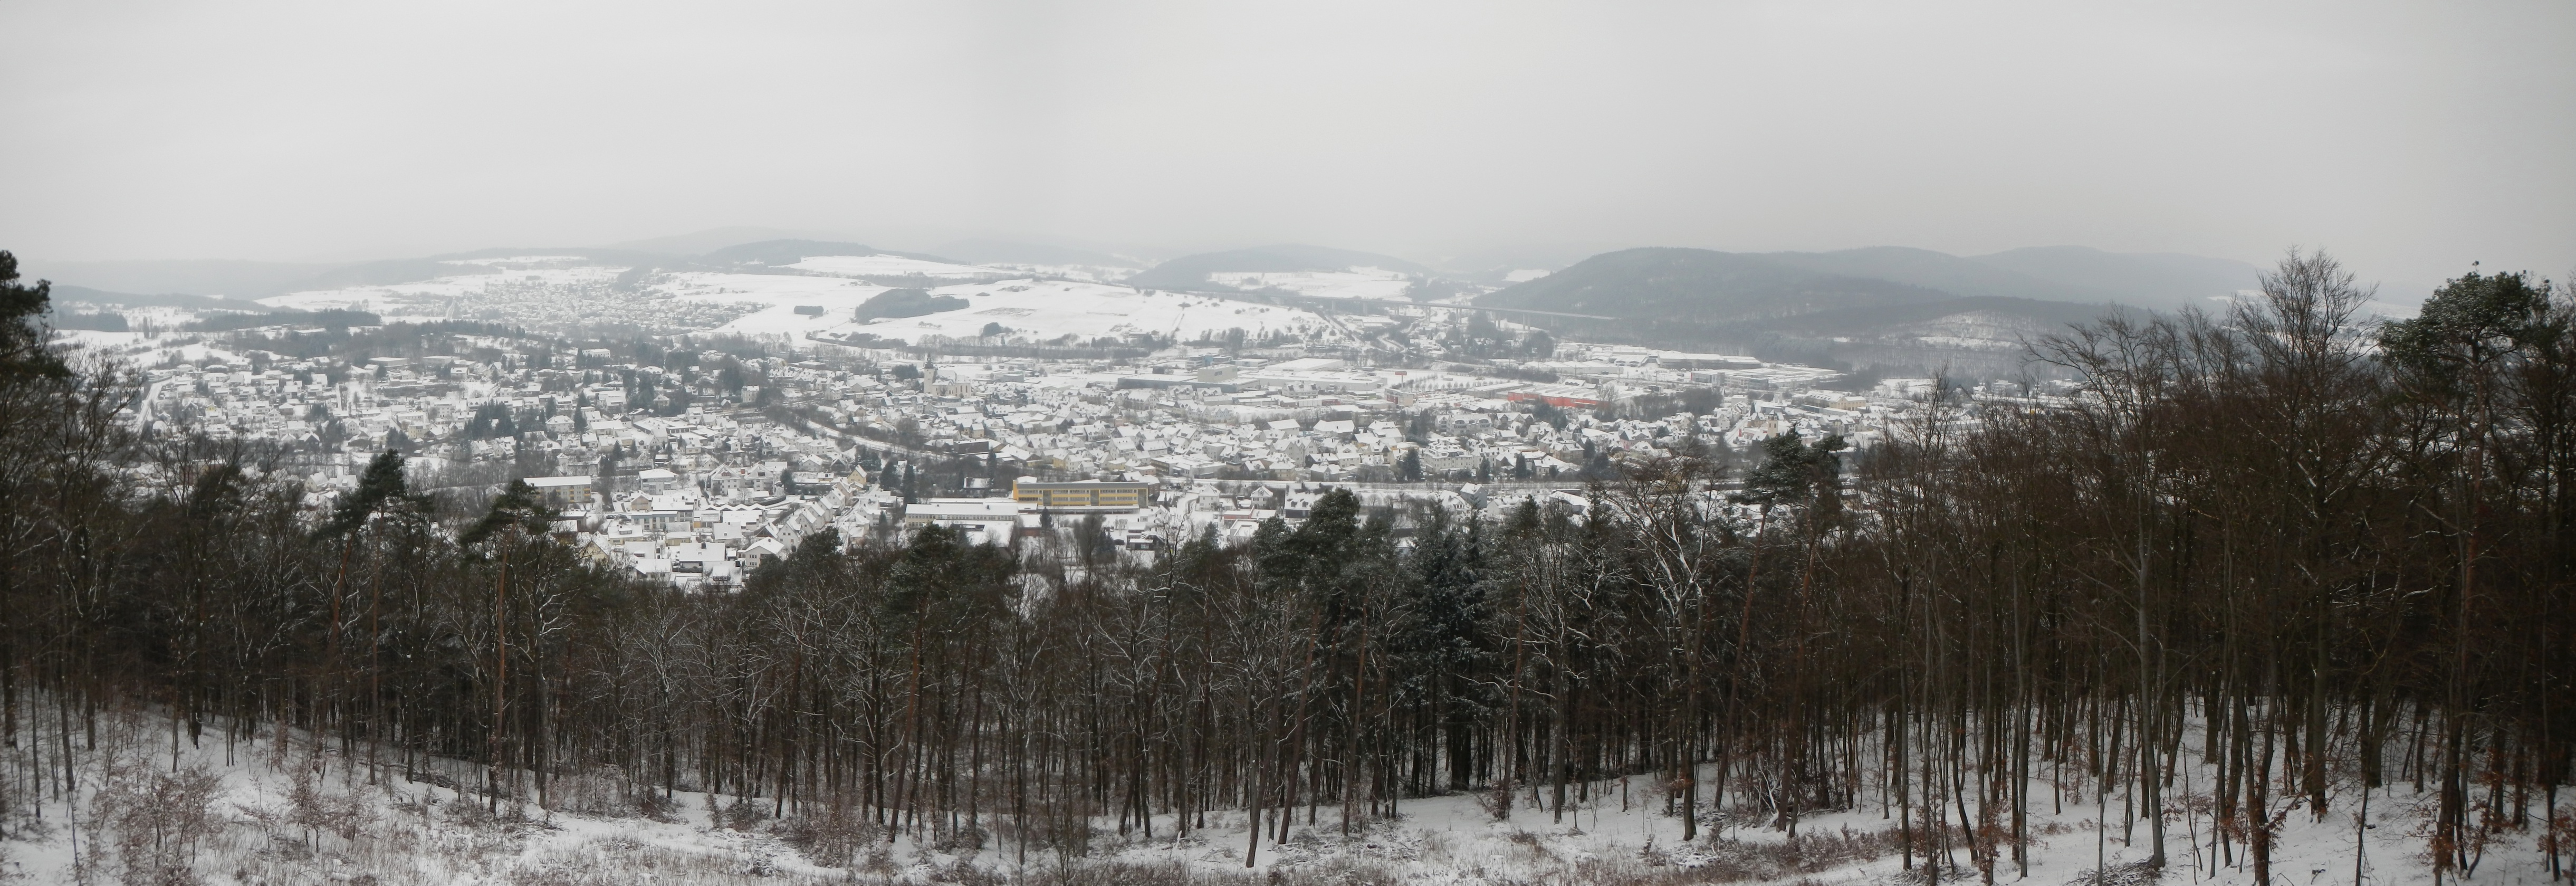 Panoramabild meiner Heimat im Winter